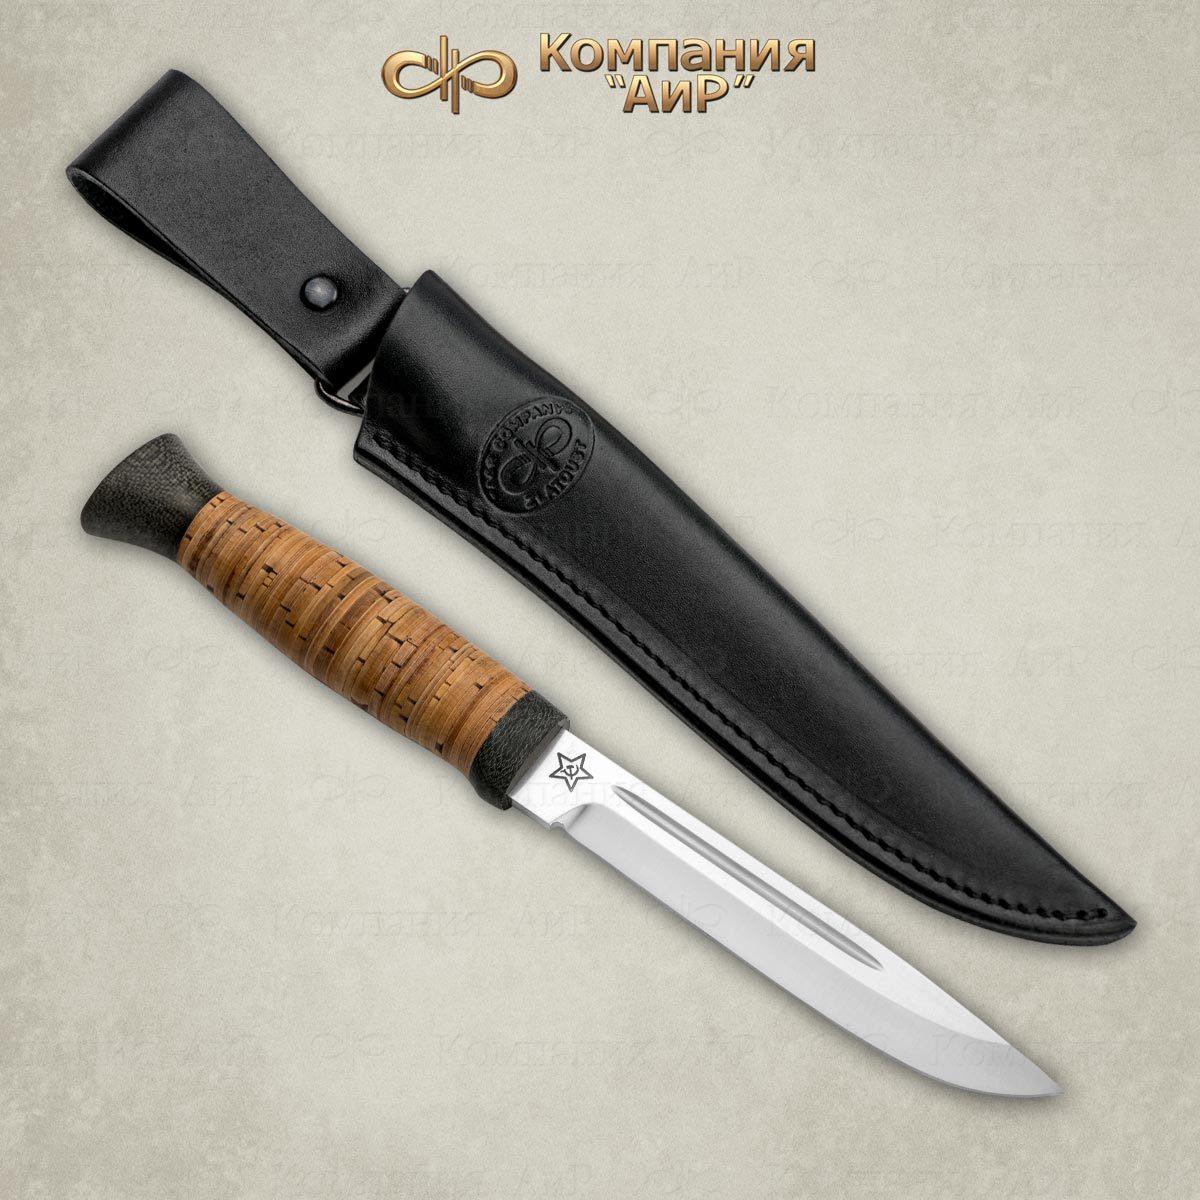 Нож разделочный АиР Финка-3, сталь ЭП-766, рукоять береста